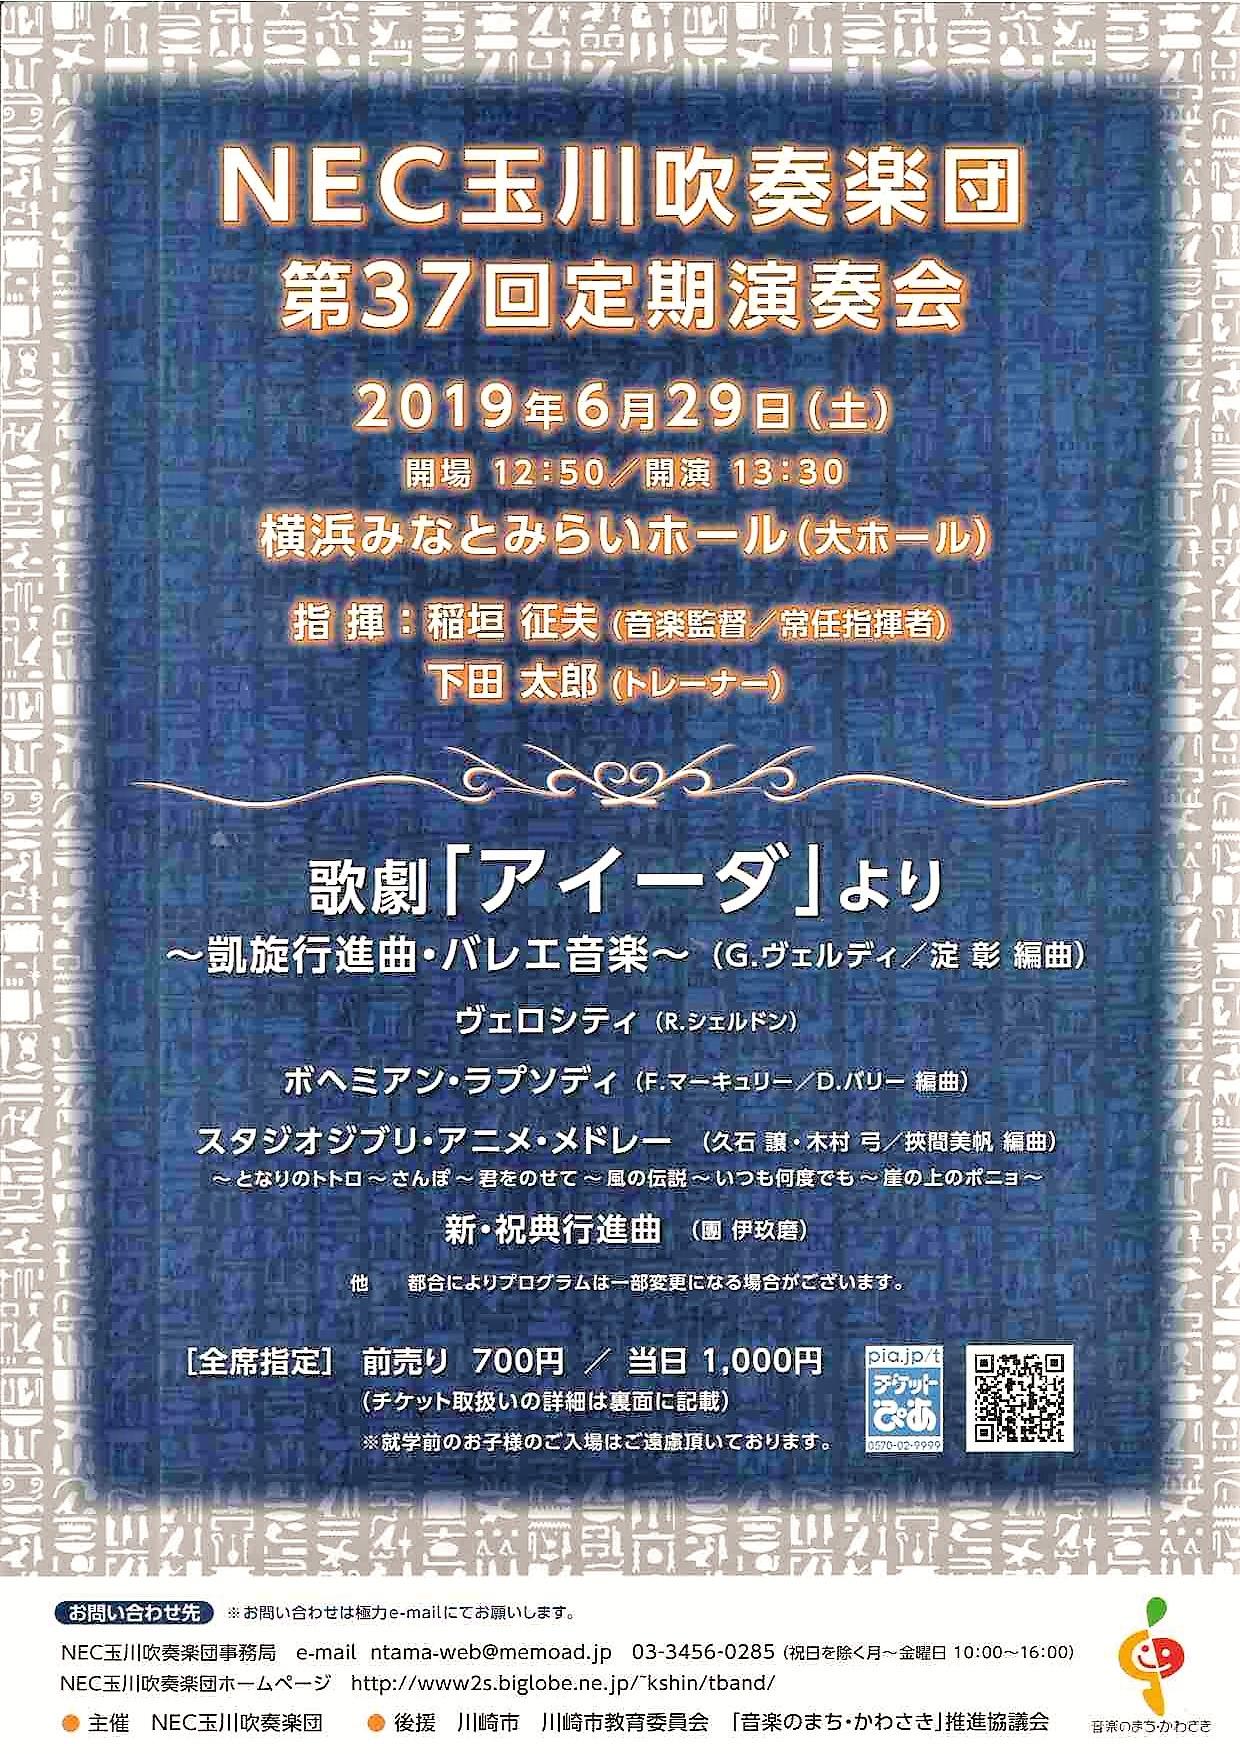 NEC玉川吹奏楽団 第37回定期演奏会